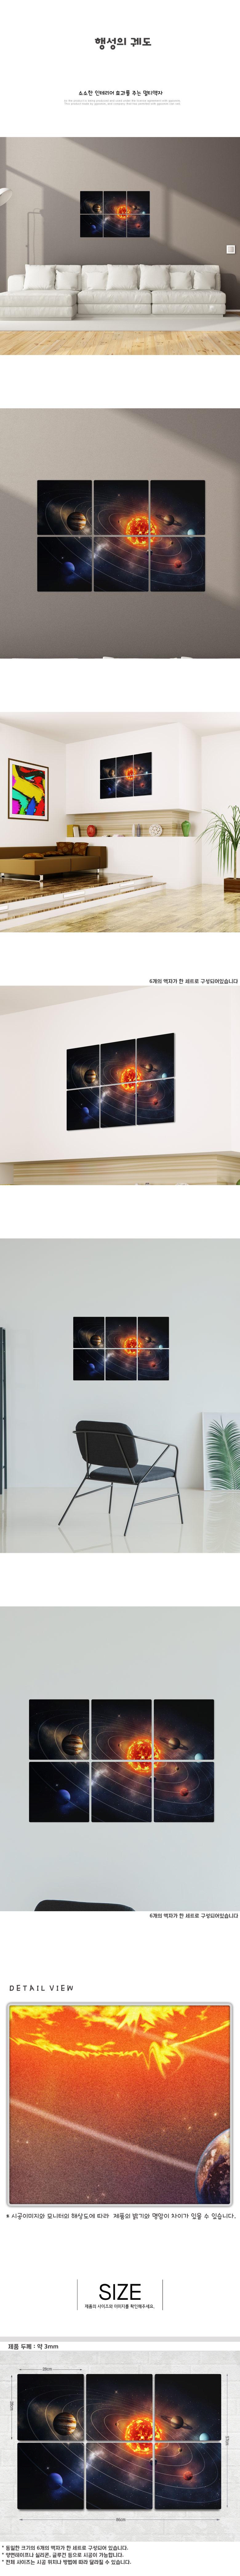 멀티액자_행성의궤도 - 꾸밈, 38,400원, 홈갤러리, 사진아트